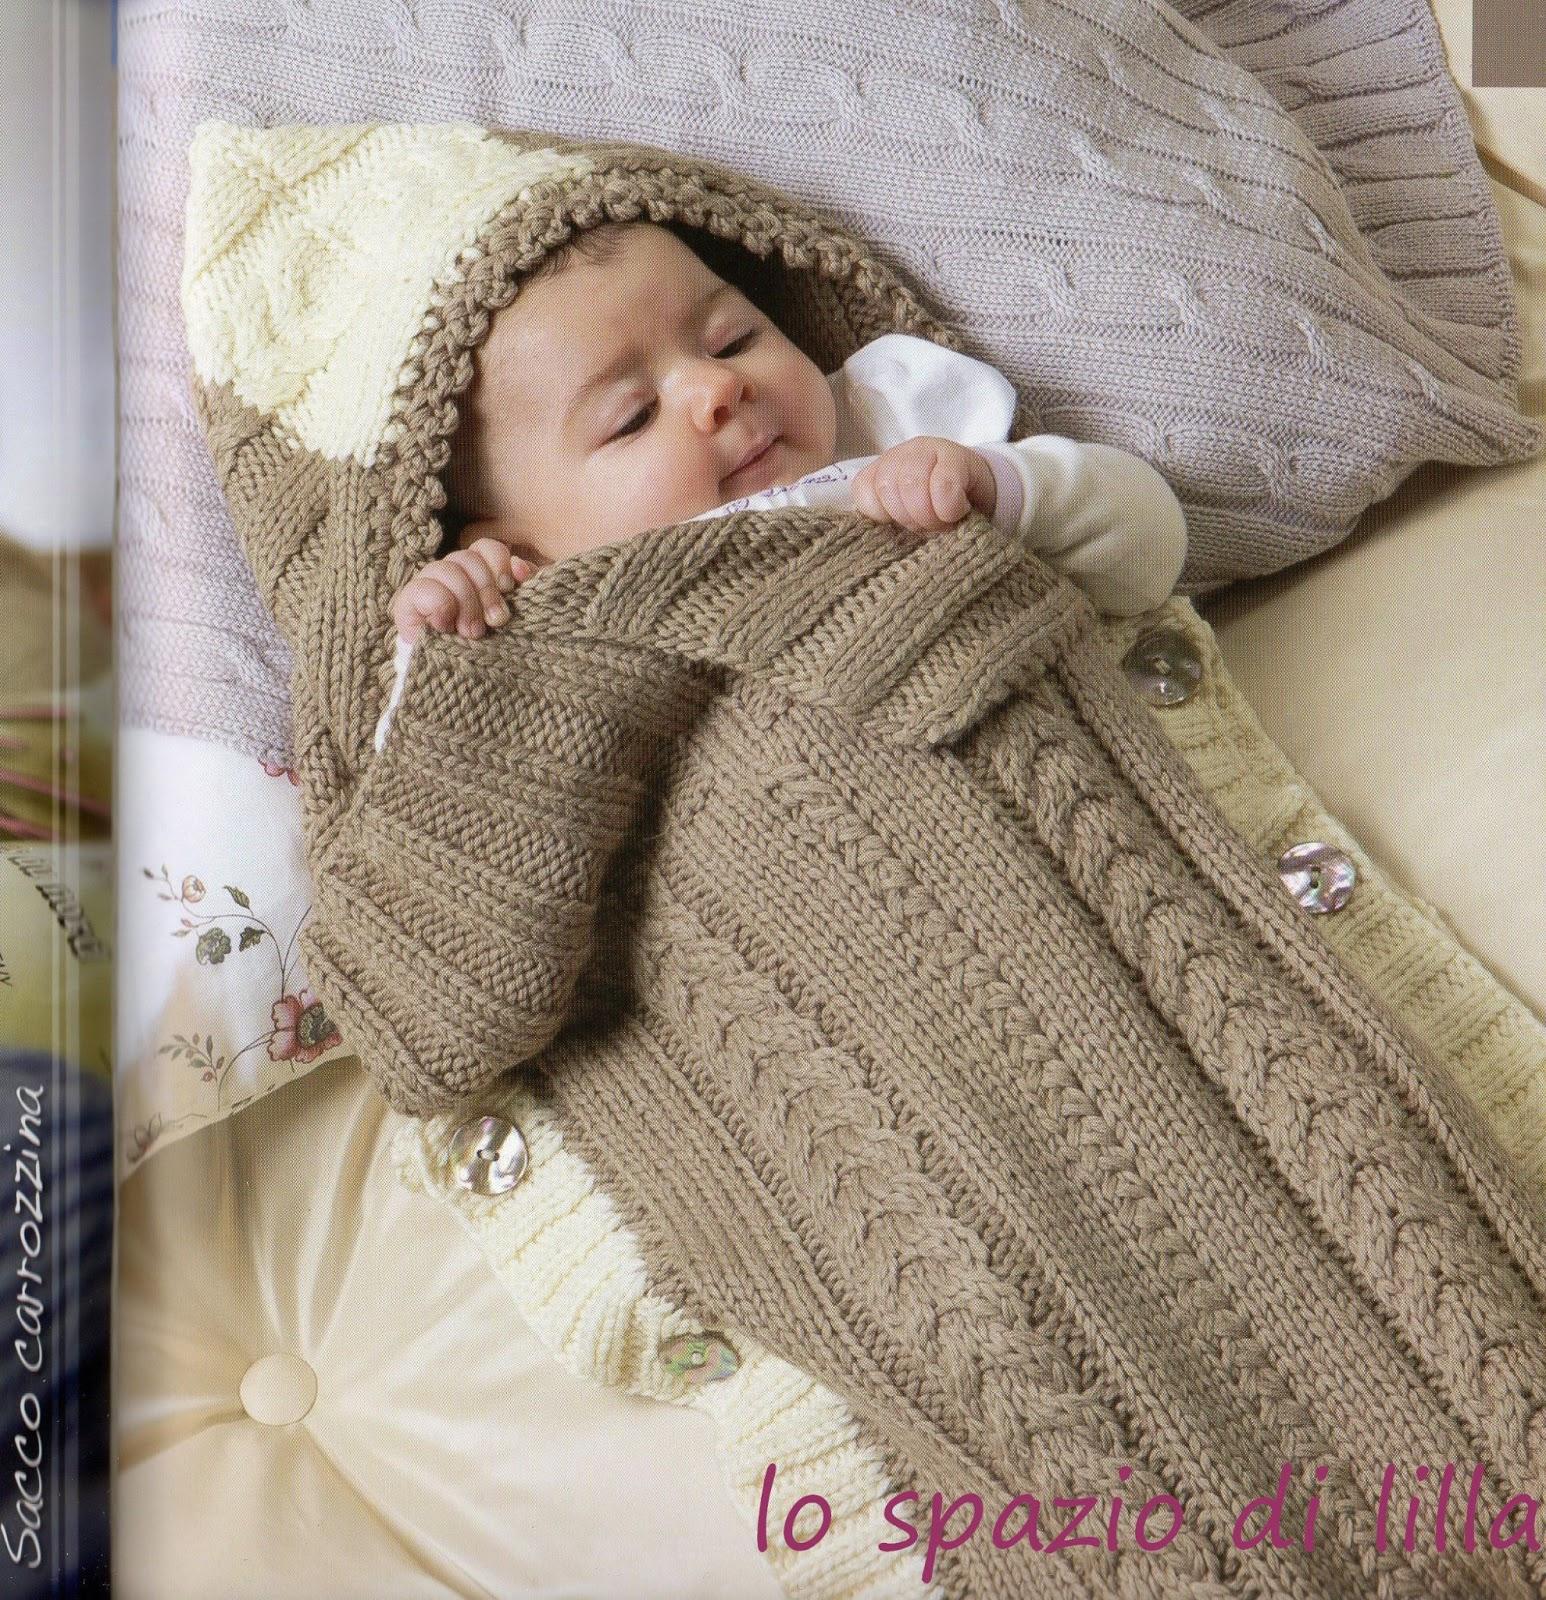 lo spazio di lilla: a gentile richiestagli abitini a maglia per